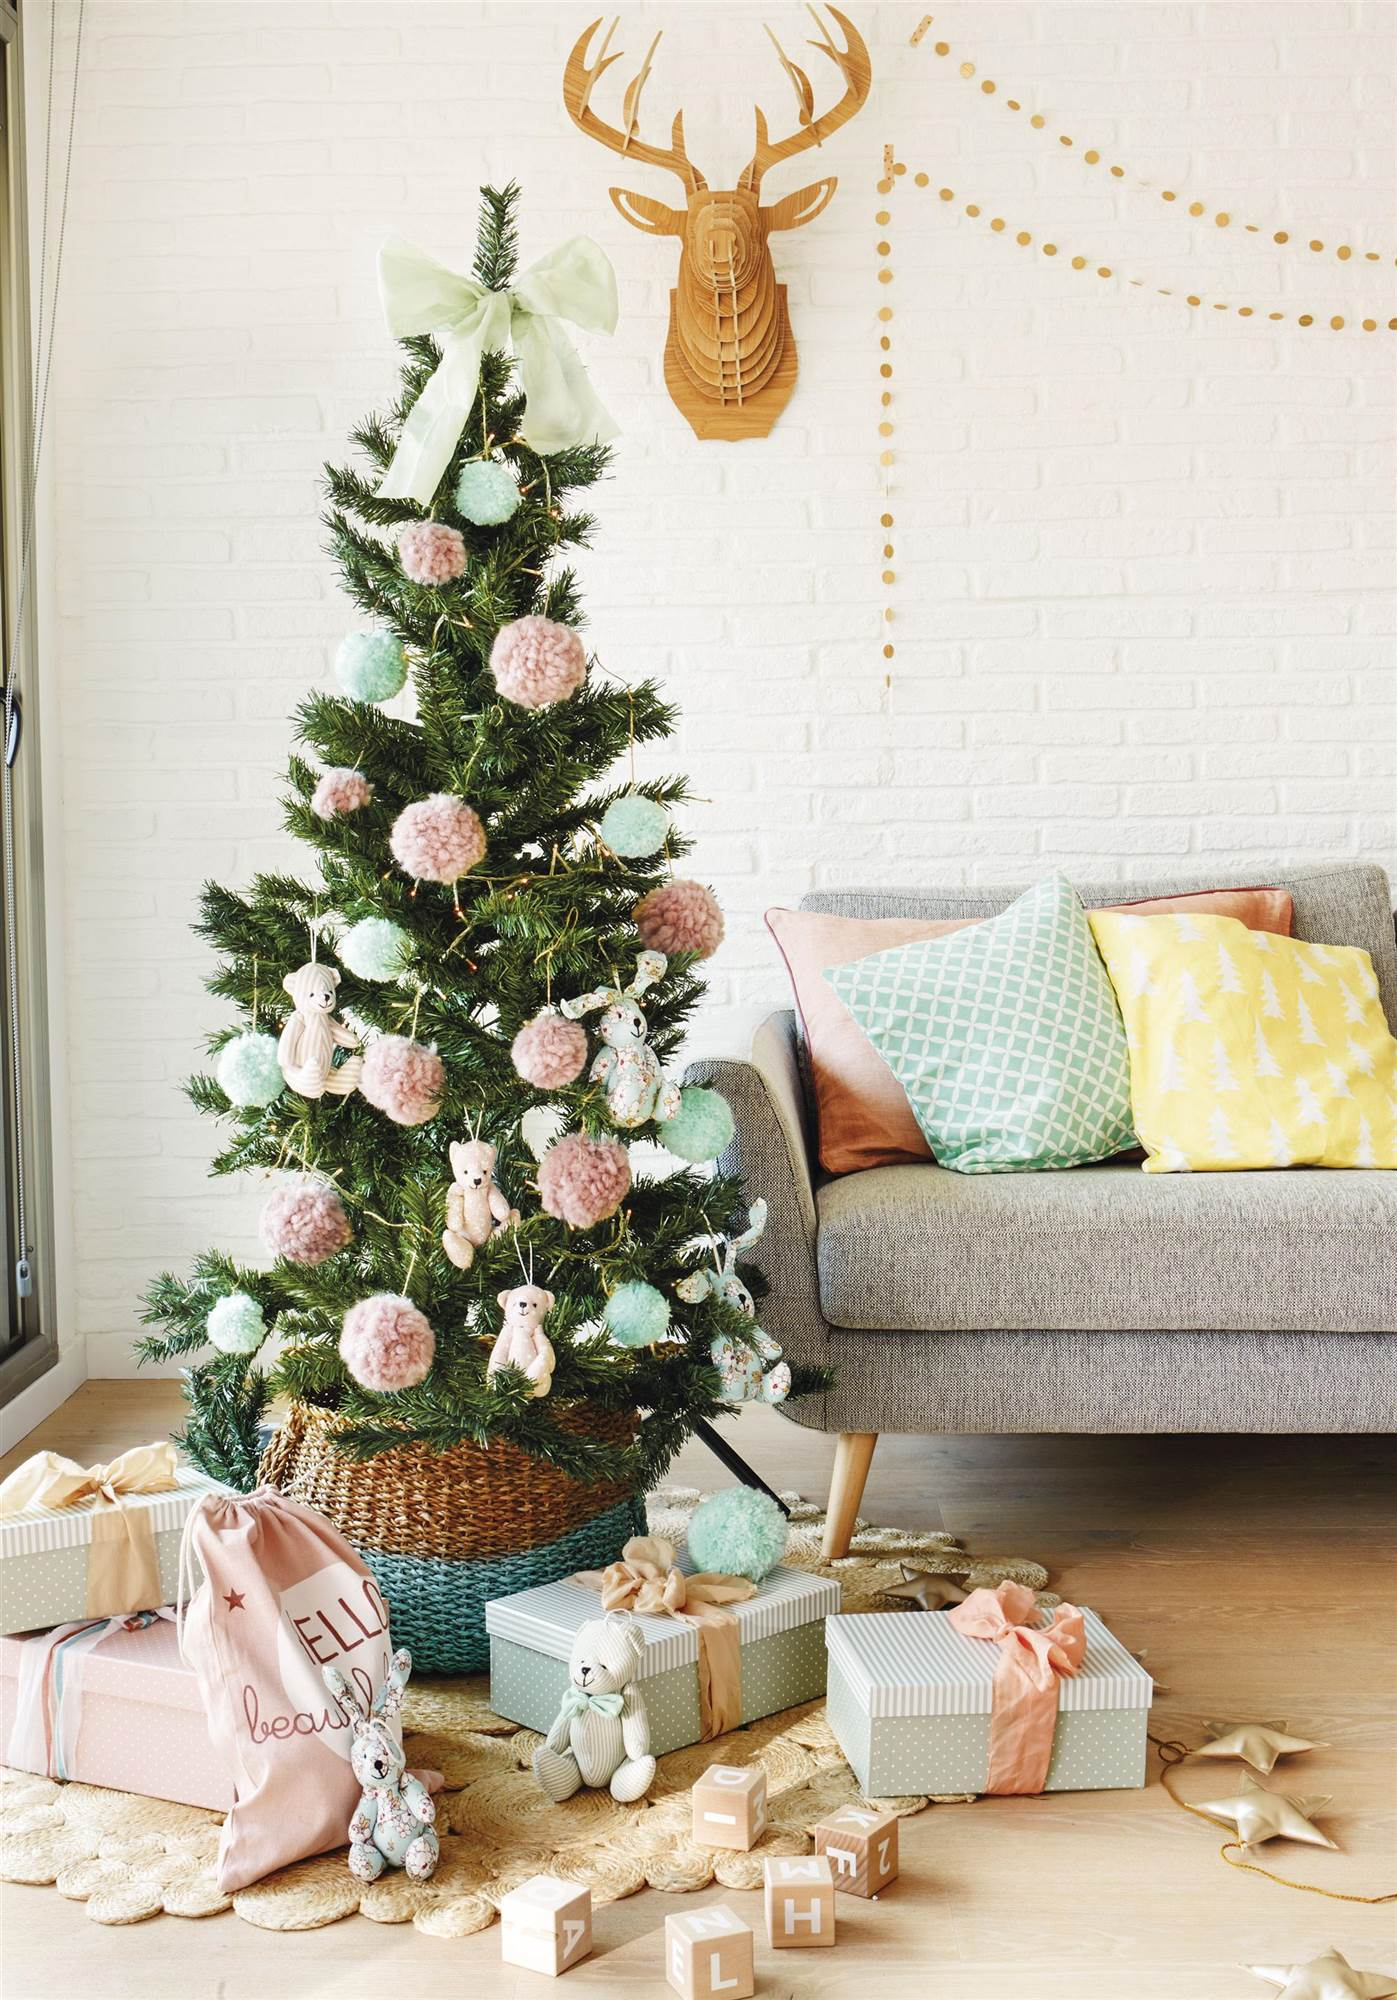 Una pizca de hogar c mo decorar tu rbol con objetos diy - Adornar la casa en navidad ...